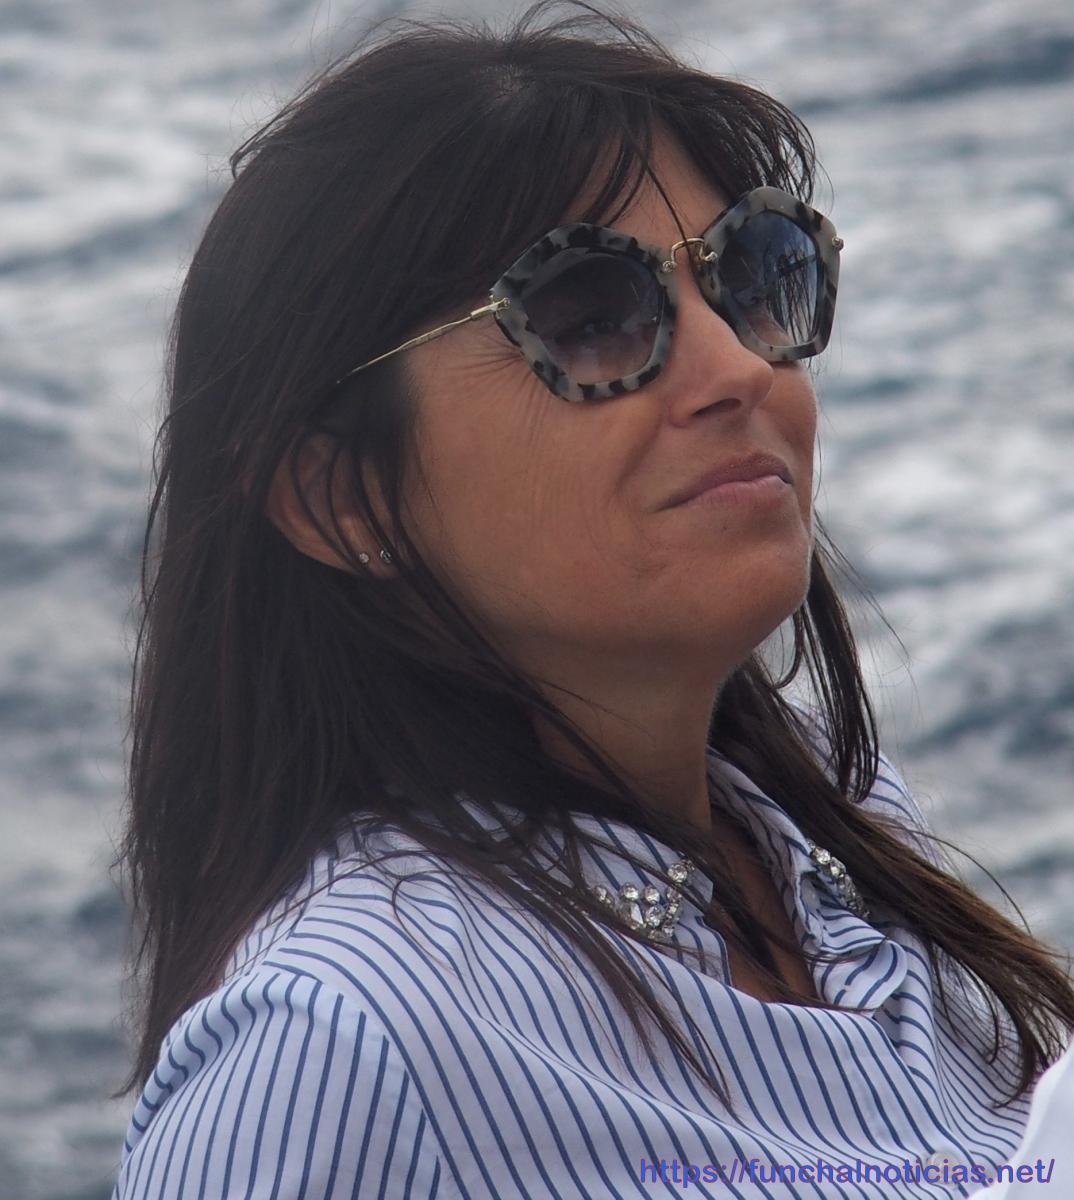 Susana Prada anuncia queixa-crime contra Filipe Sousa que a acusou de dizer asneiras